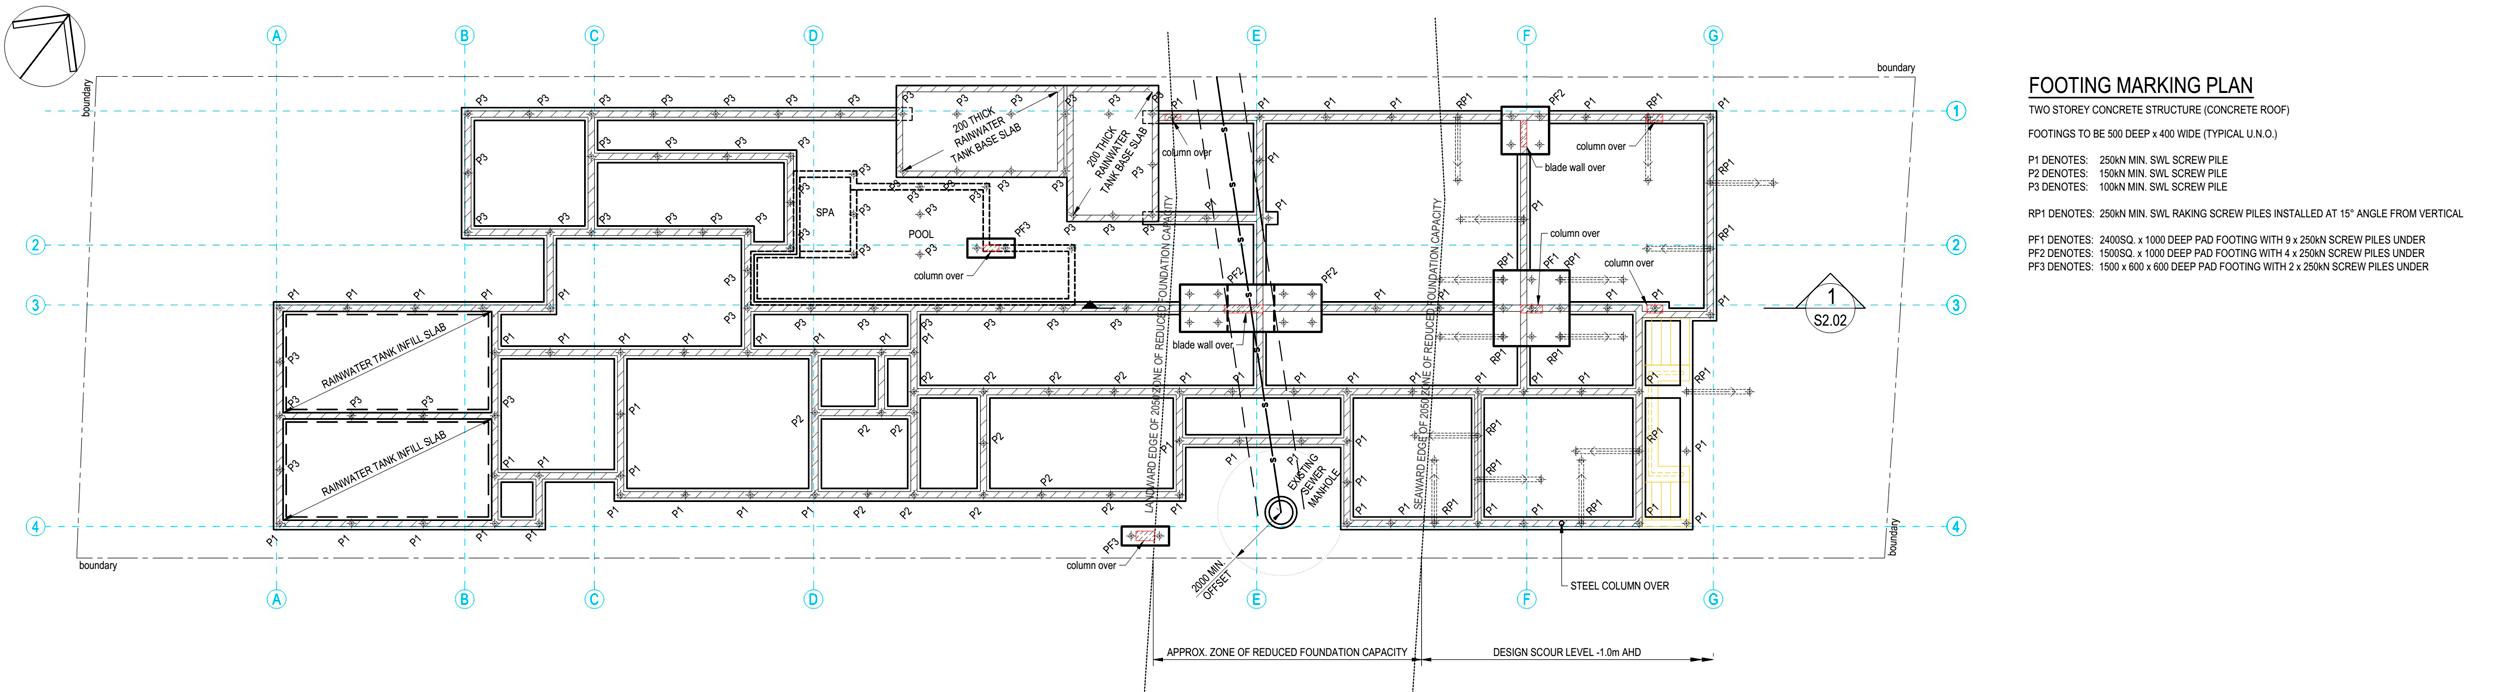 AUS02-17097-footing-plan-2500px.jpg